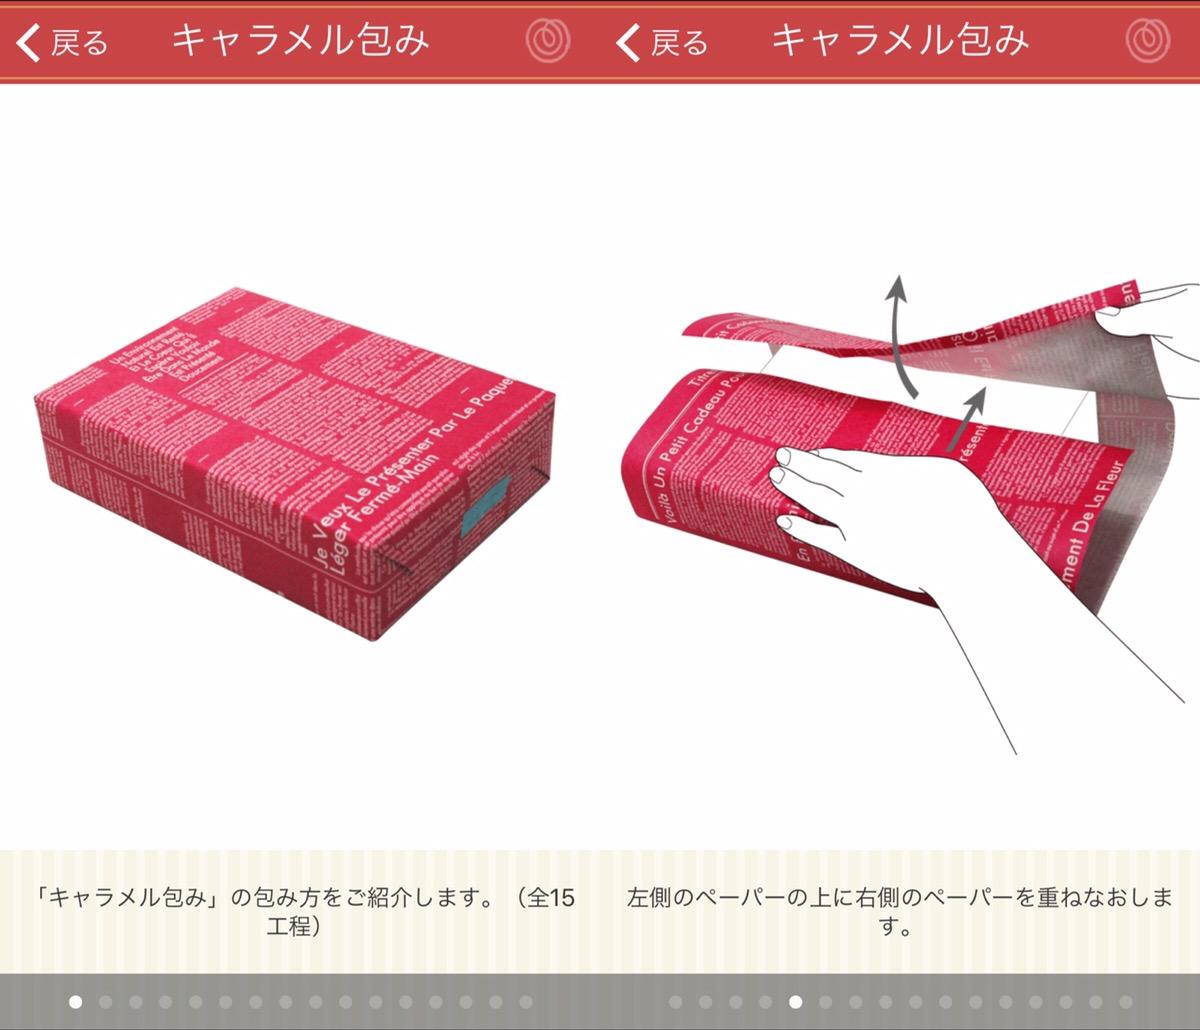 包装の基本キャラメル包み